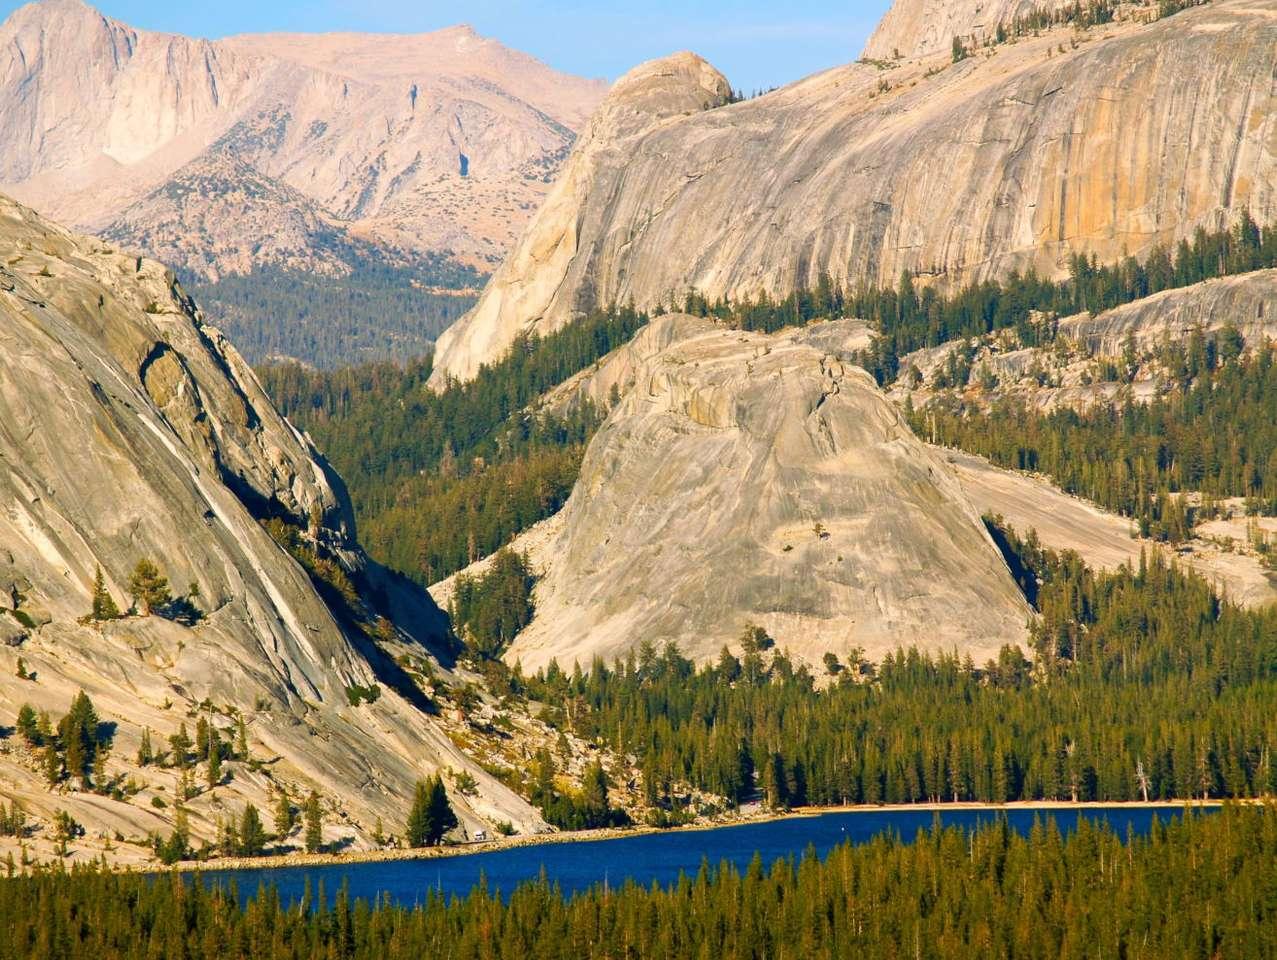 Park Narodowy Yosemite (USA) - Krajobraz gór Sierra Nevada w okolicach jeziora Tenaya w Parku Narodowym Yosemite. Park położony jest w środkowej części stanu Kalifornia w Stanach Zjednoczonych. Jezioro Tenya leży w Dolinie Y (18×13)